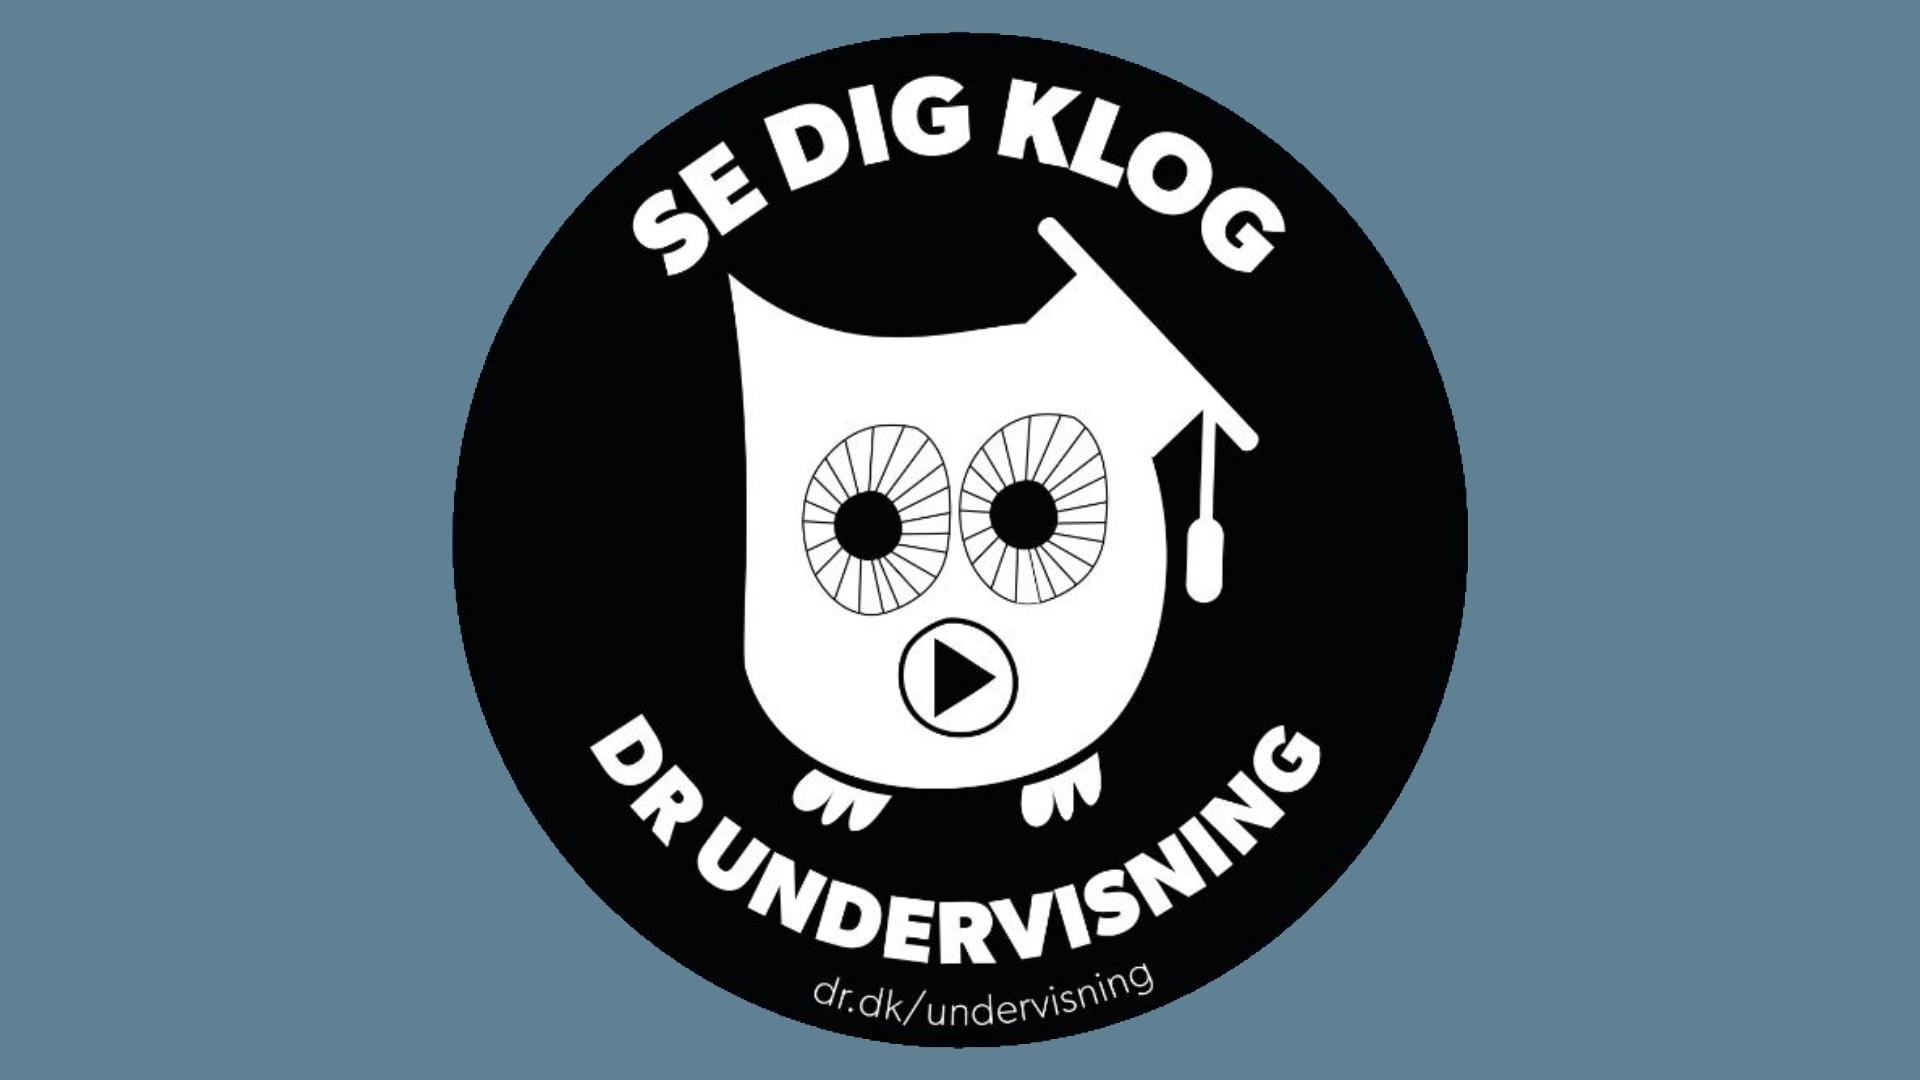 undervisning_logo_16-9.png